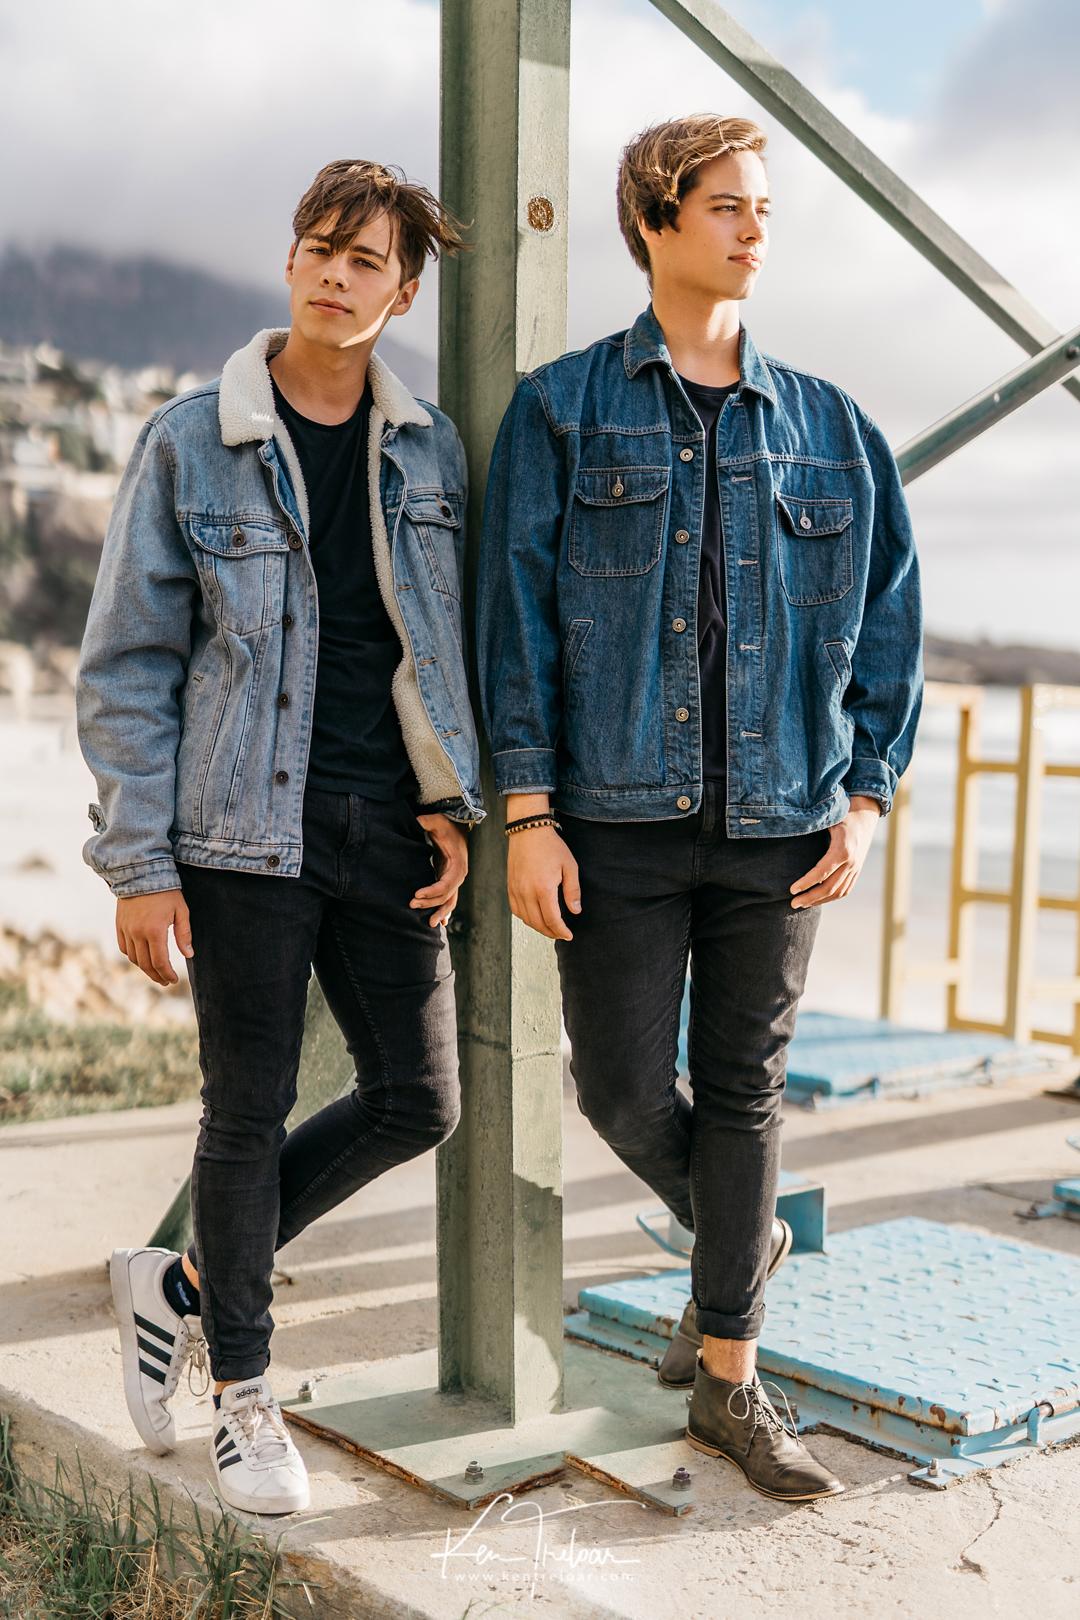 Kyle & Troy_Portrait_Ken-Treloar-Photography_Cape-Image-Co-4.jpg